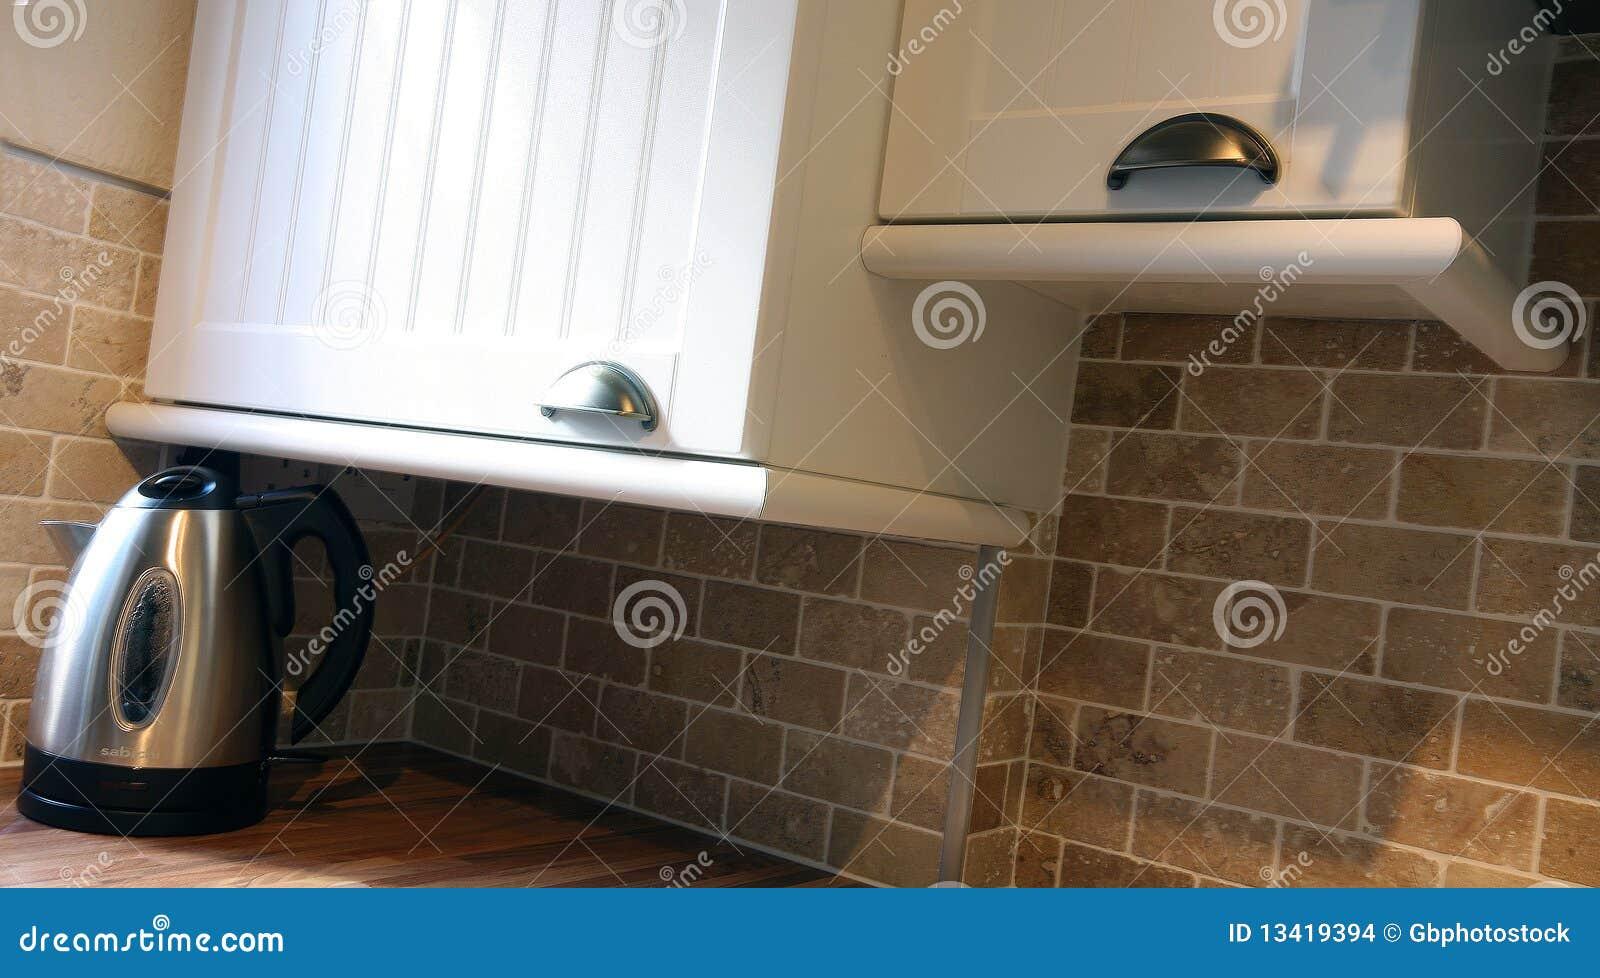 Atemberaubend Küchen Maßeinheiten Bilder - Ideen Für Die Küche ...